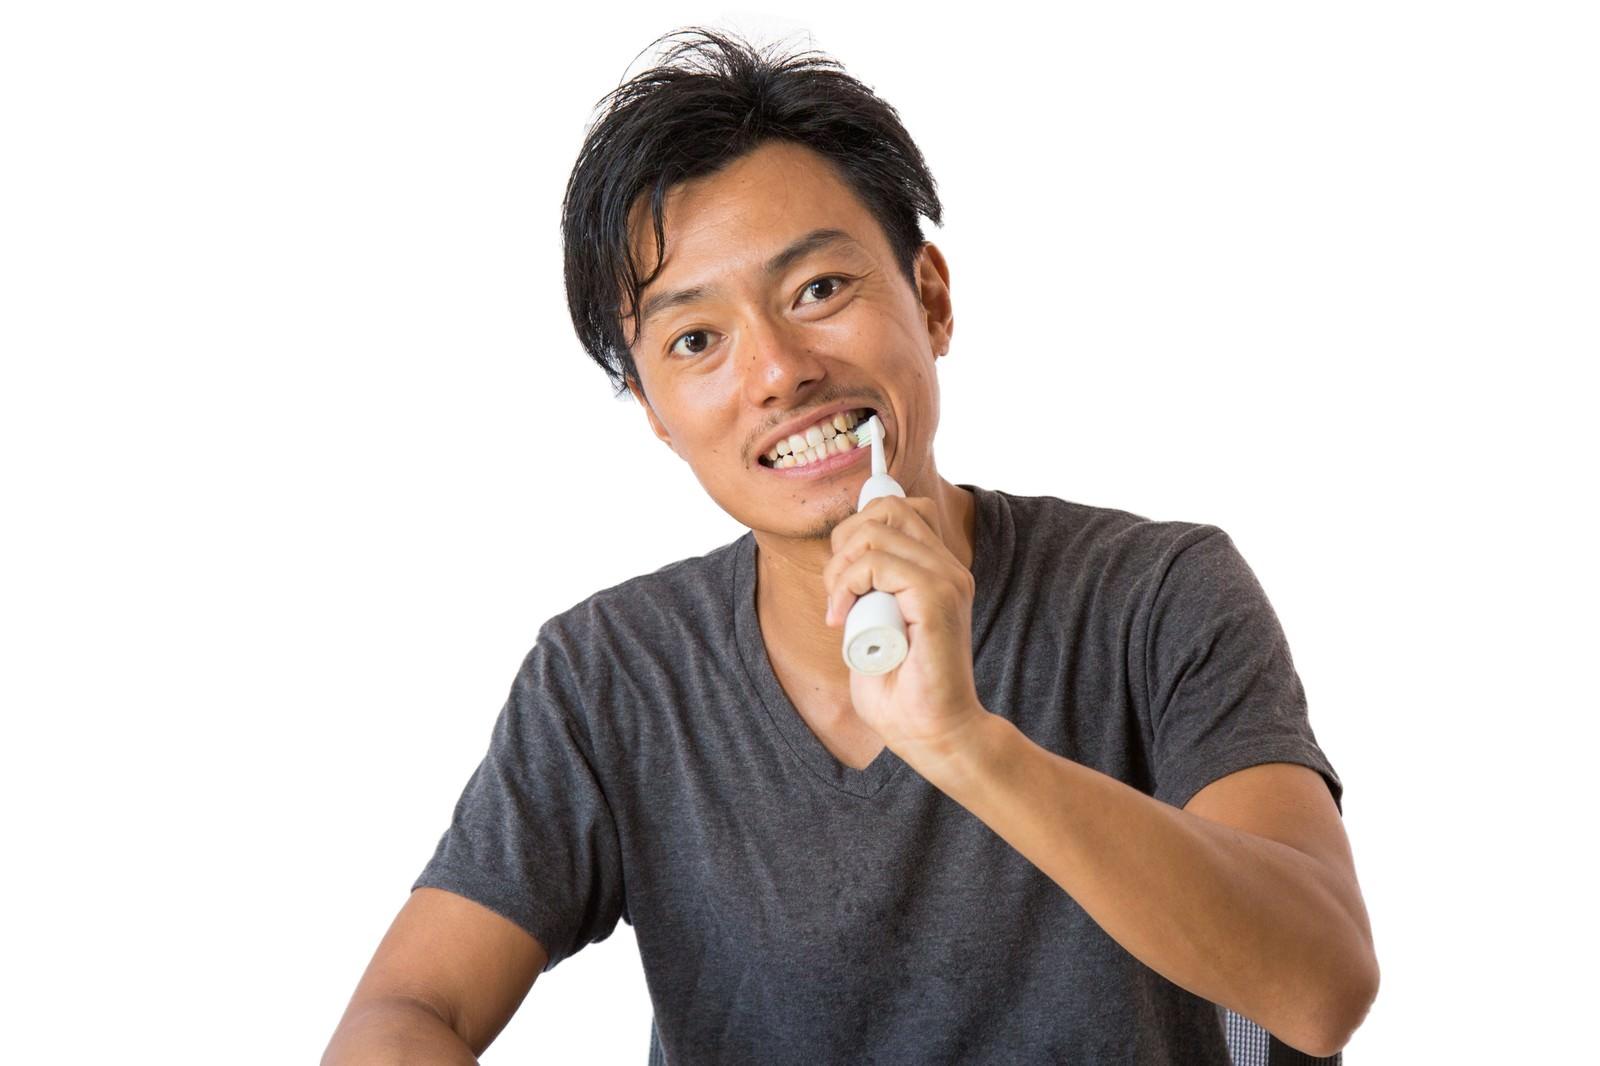 「電動歯ブラシでデンタルケア」の写真[モデル:藤沢篤]